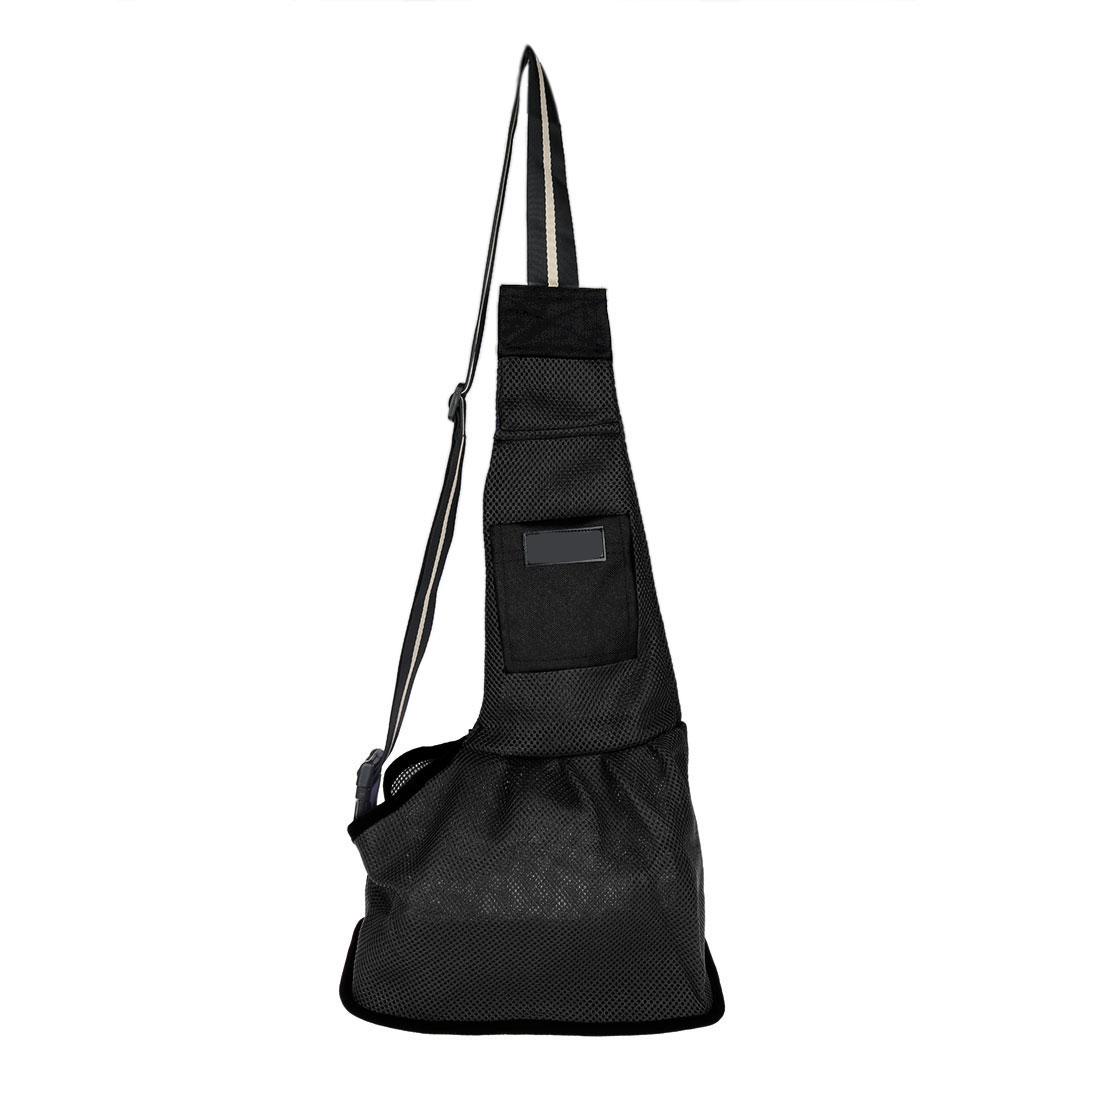 Travel Mesh Cloth Adjustable Single Shoulder Dog Cat Pet Carrier Bag Backpack Tote Black S